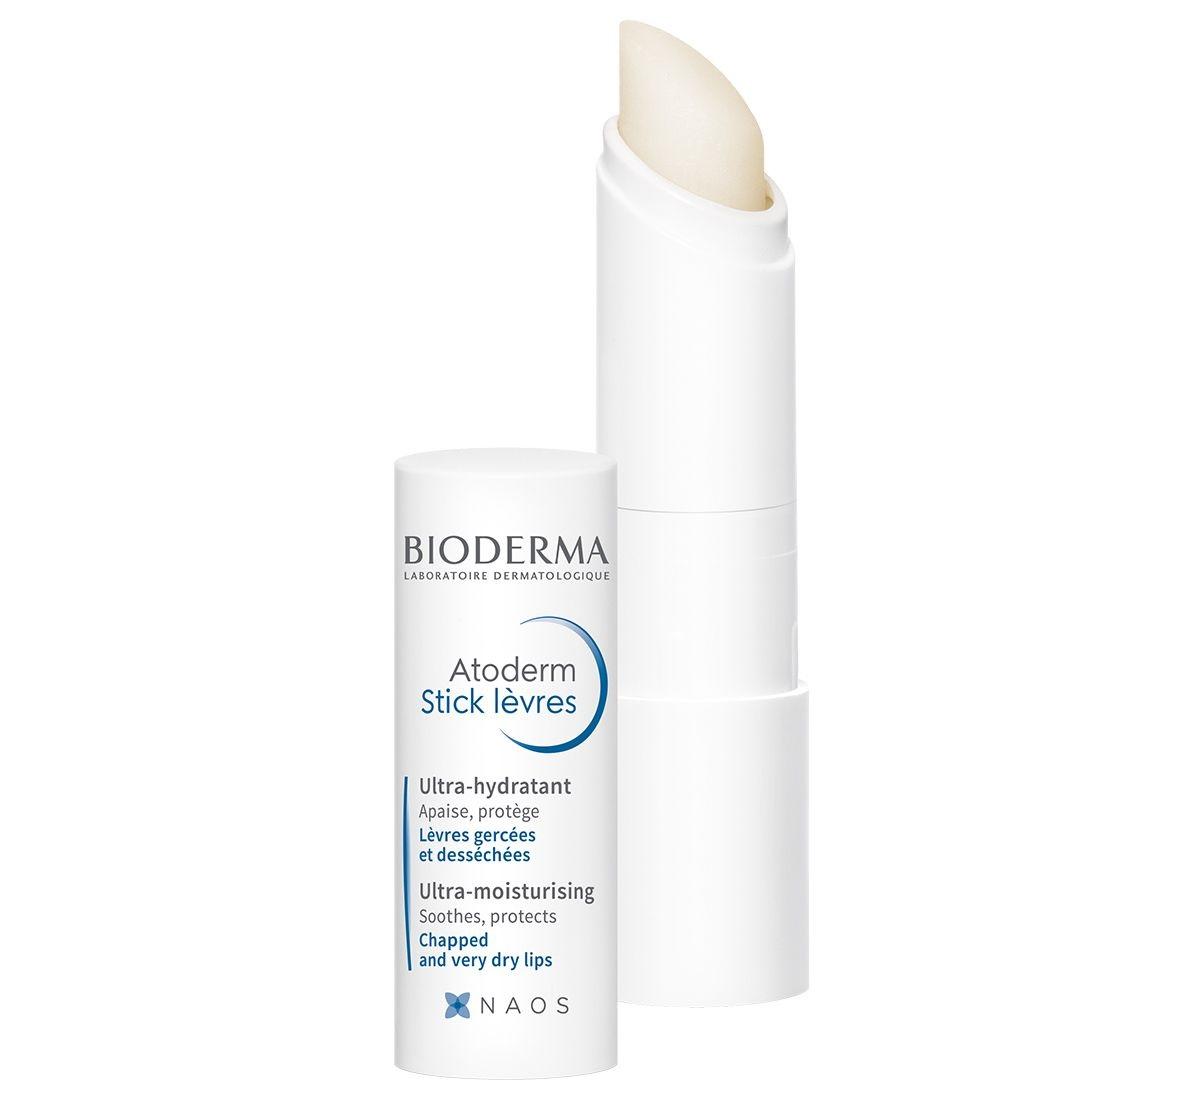 بالم لب اتودرم بایودرما اصل فرانسه (بیودرما) ترمیم کننده و مرطوب کننده فوری لب های خشک و ترک خورده - Bioderma Atoderm Lip Stick